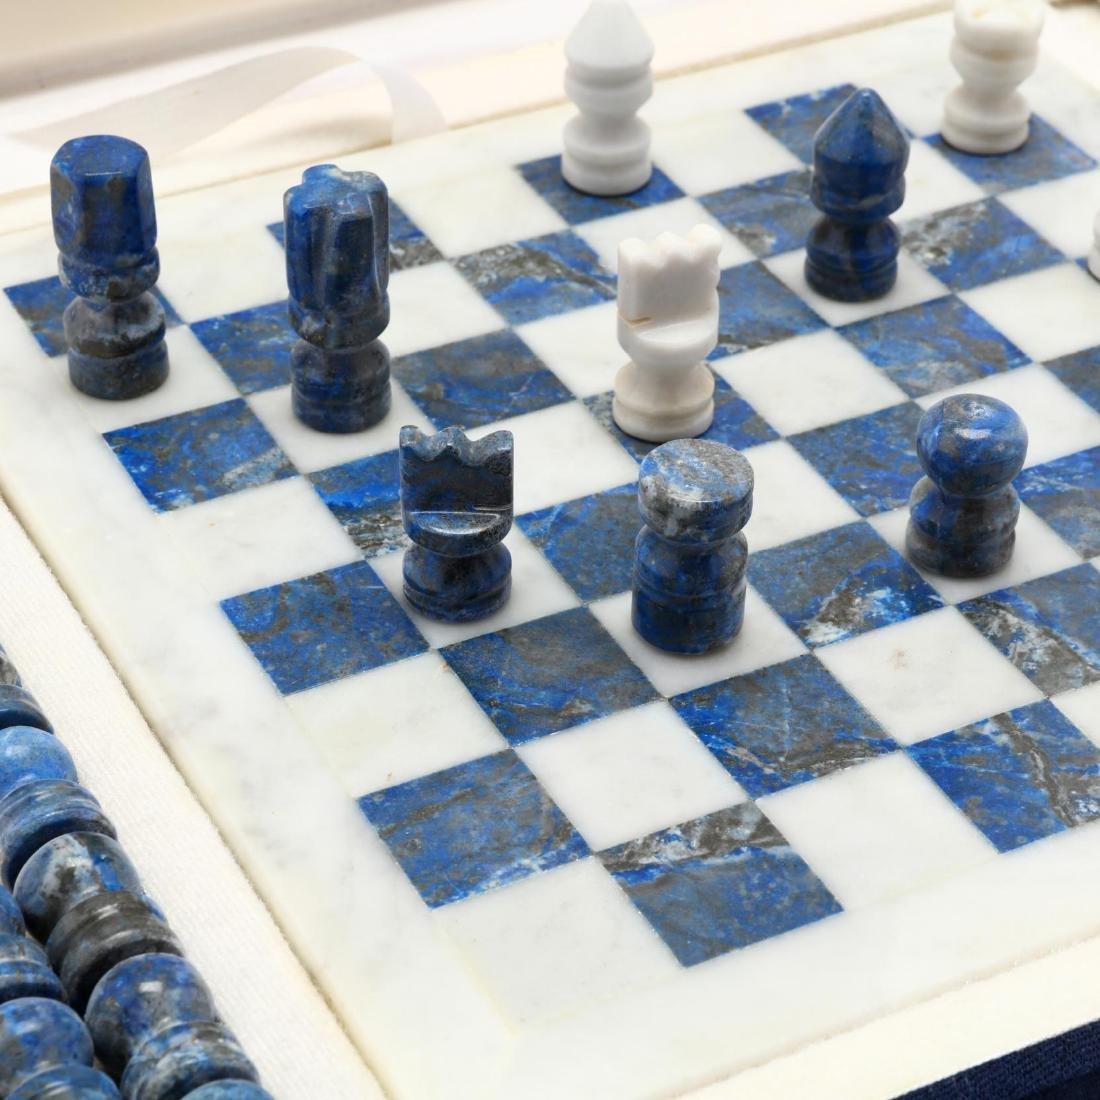 Lapis Lazuli and White Marble Chess Set, Morita Gil - 4